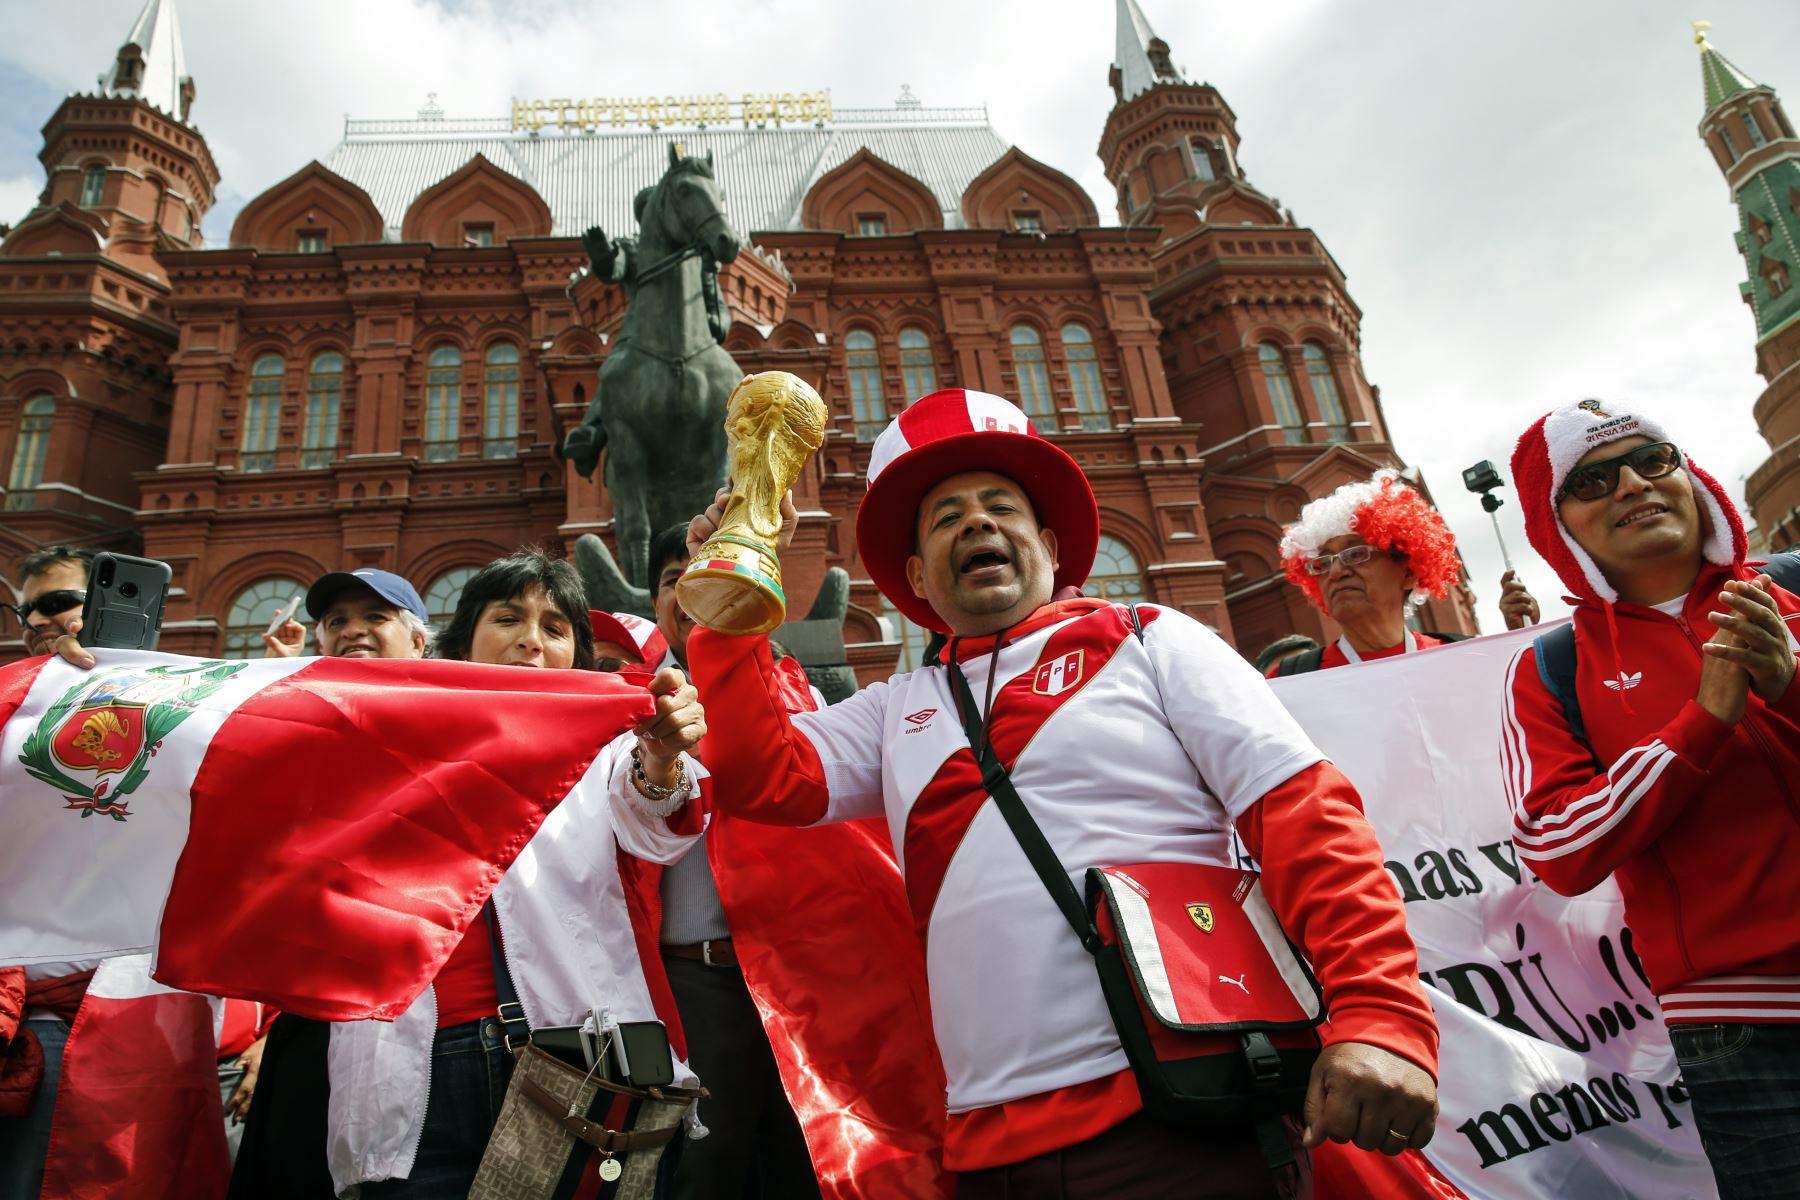 Los hinchas del equipo de fútbol nacional peruano animan en la Plaza Manezhnaya en el centro de Moscú.Foto: AFP